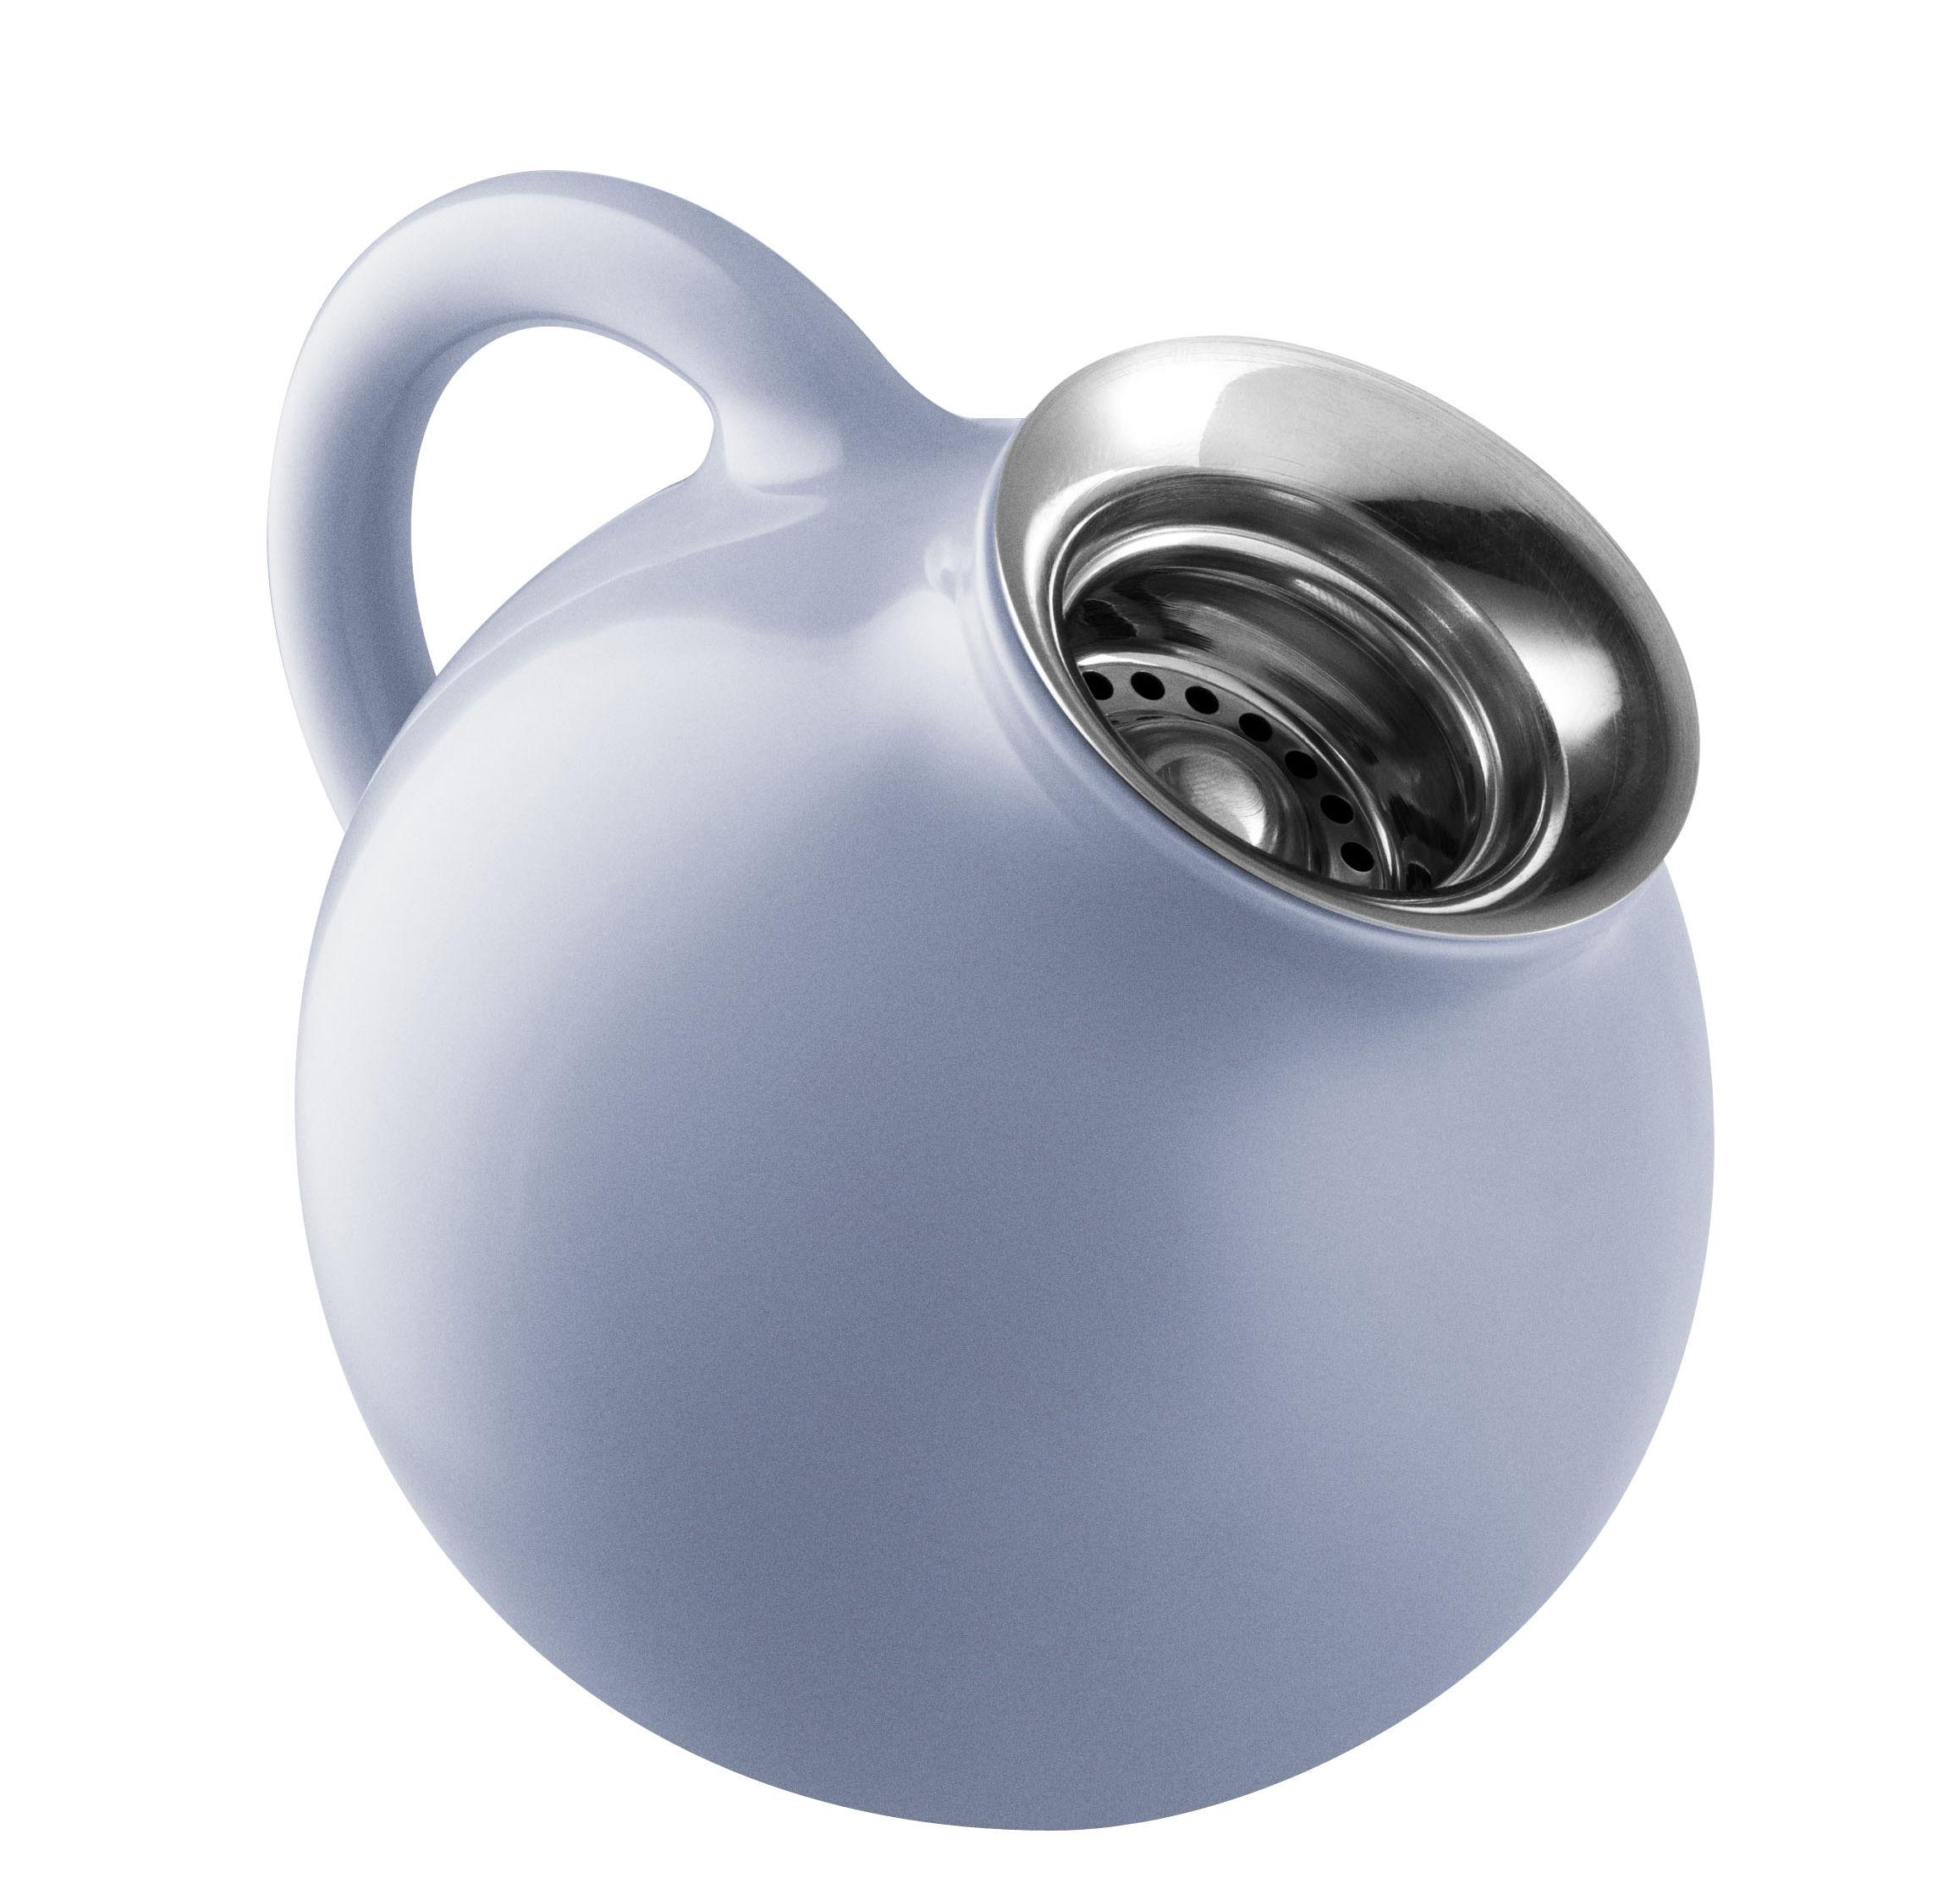 Arts de la table - Thé et café - Pot à lait Globe / 0,3 L - Grès - Eva Solo - Bleu nordique - Acier inoxydable, Grès